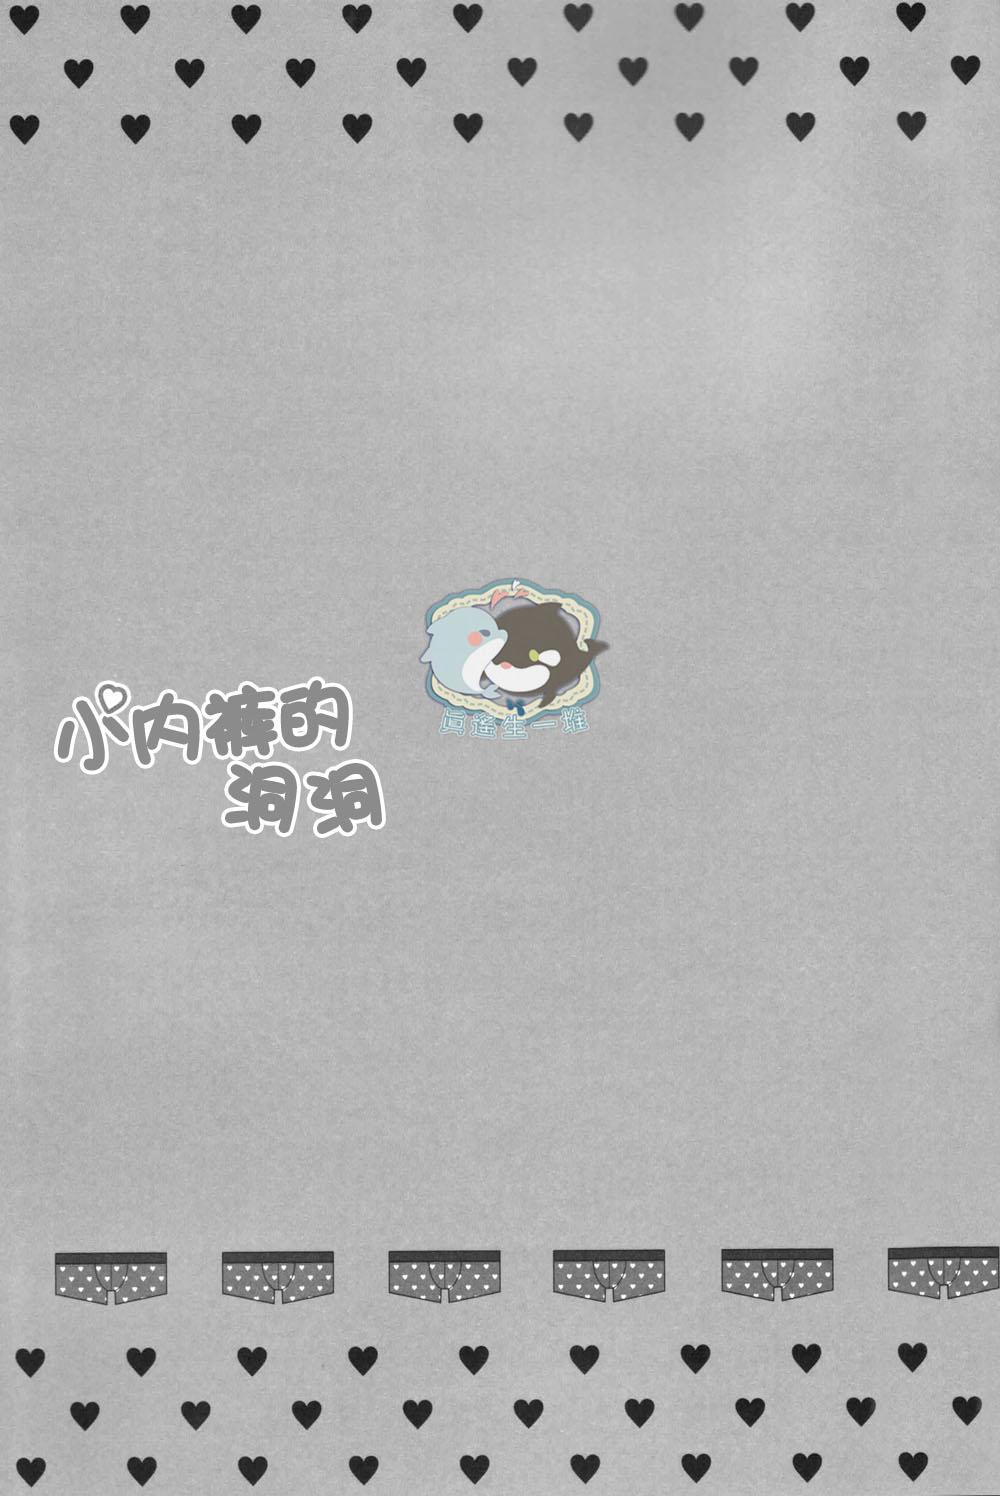 Pantsu no Ana 19